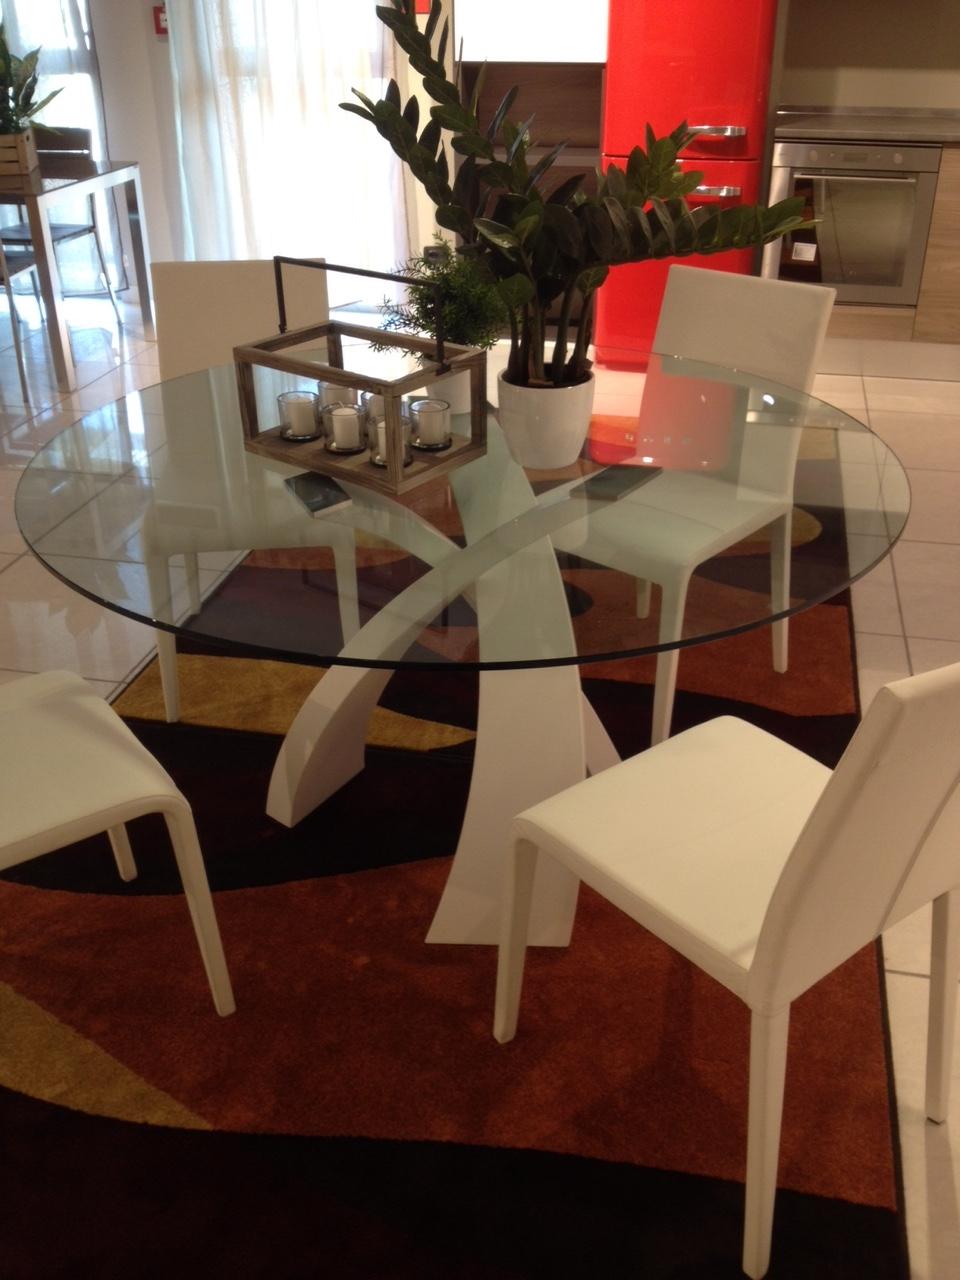 Prezzi Tonin Casa: Zottoz tavoli rotondi per camera da letto ...